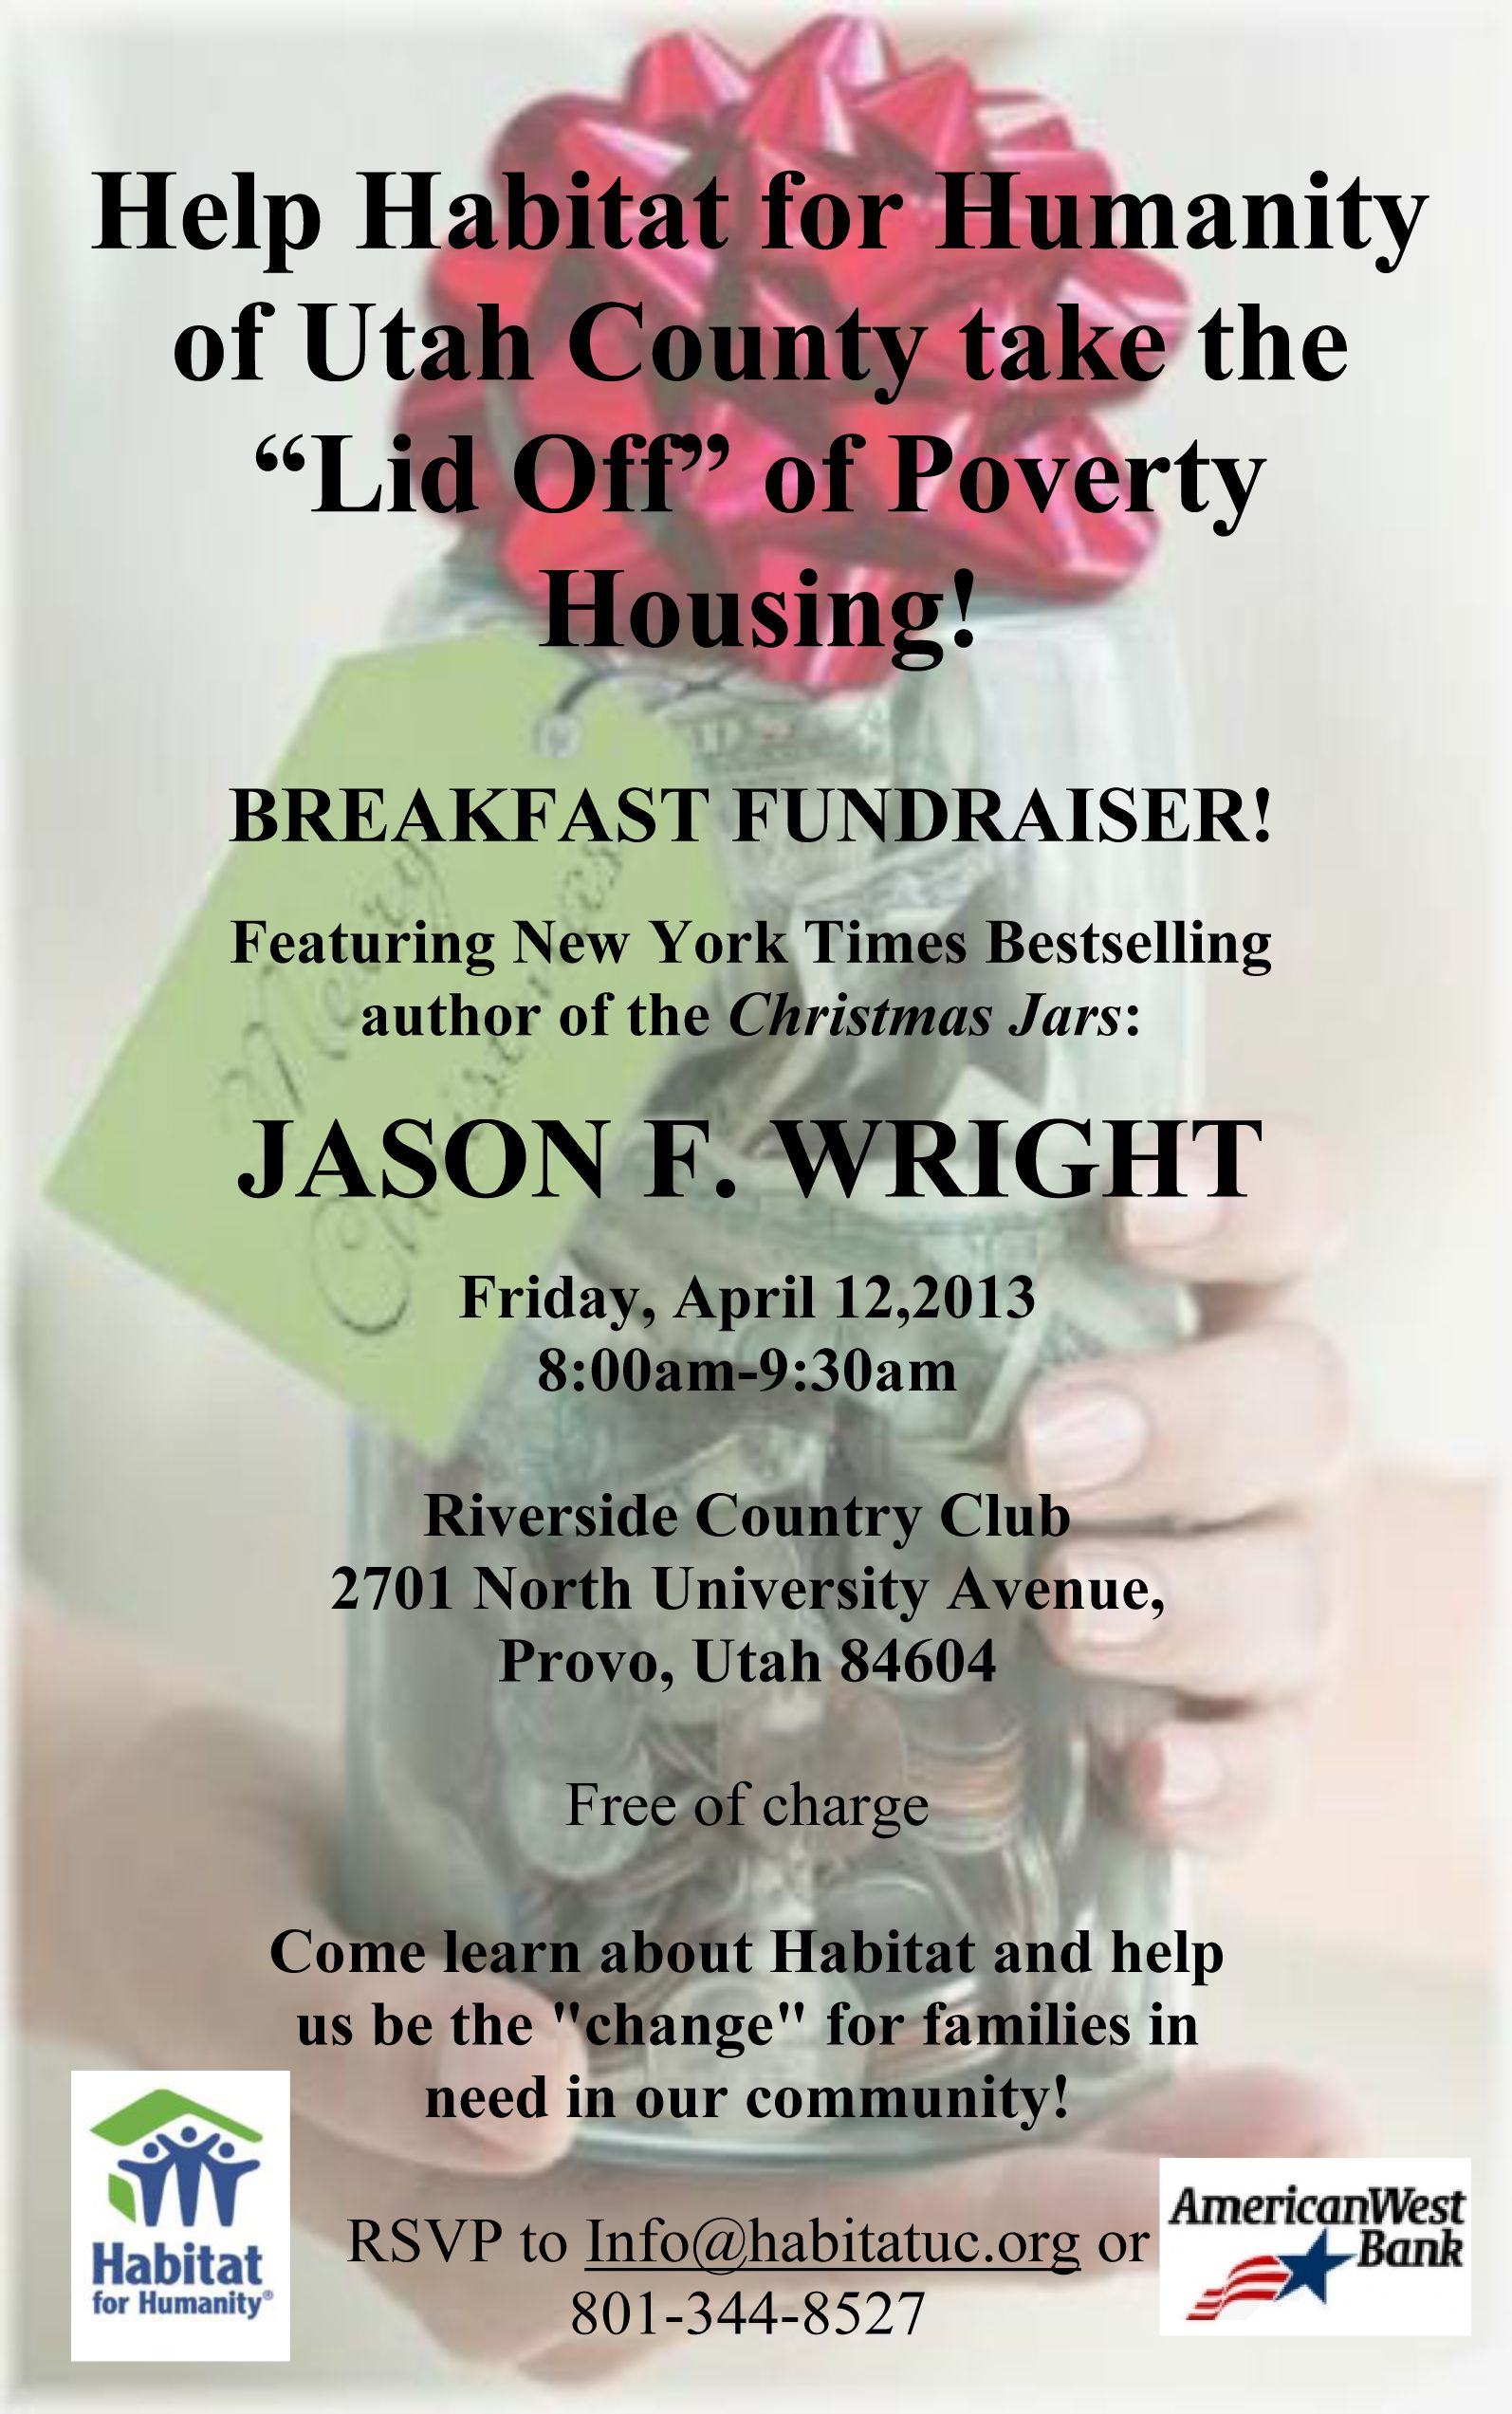 Breakfast Fundraiser!